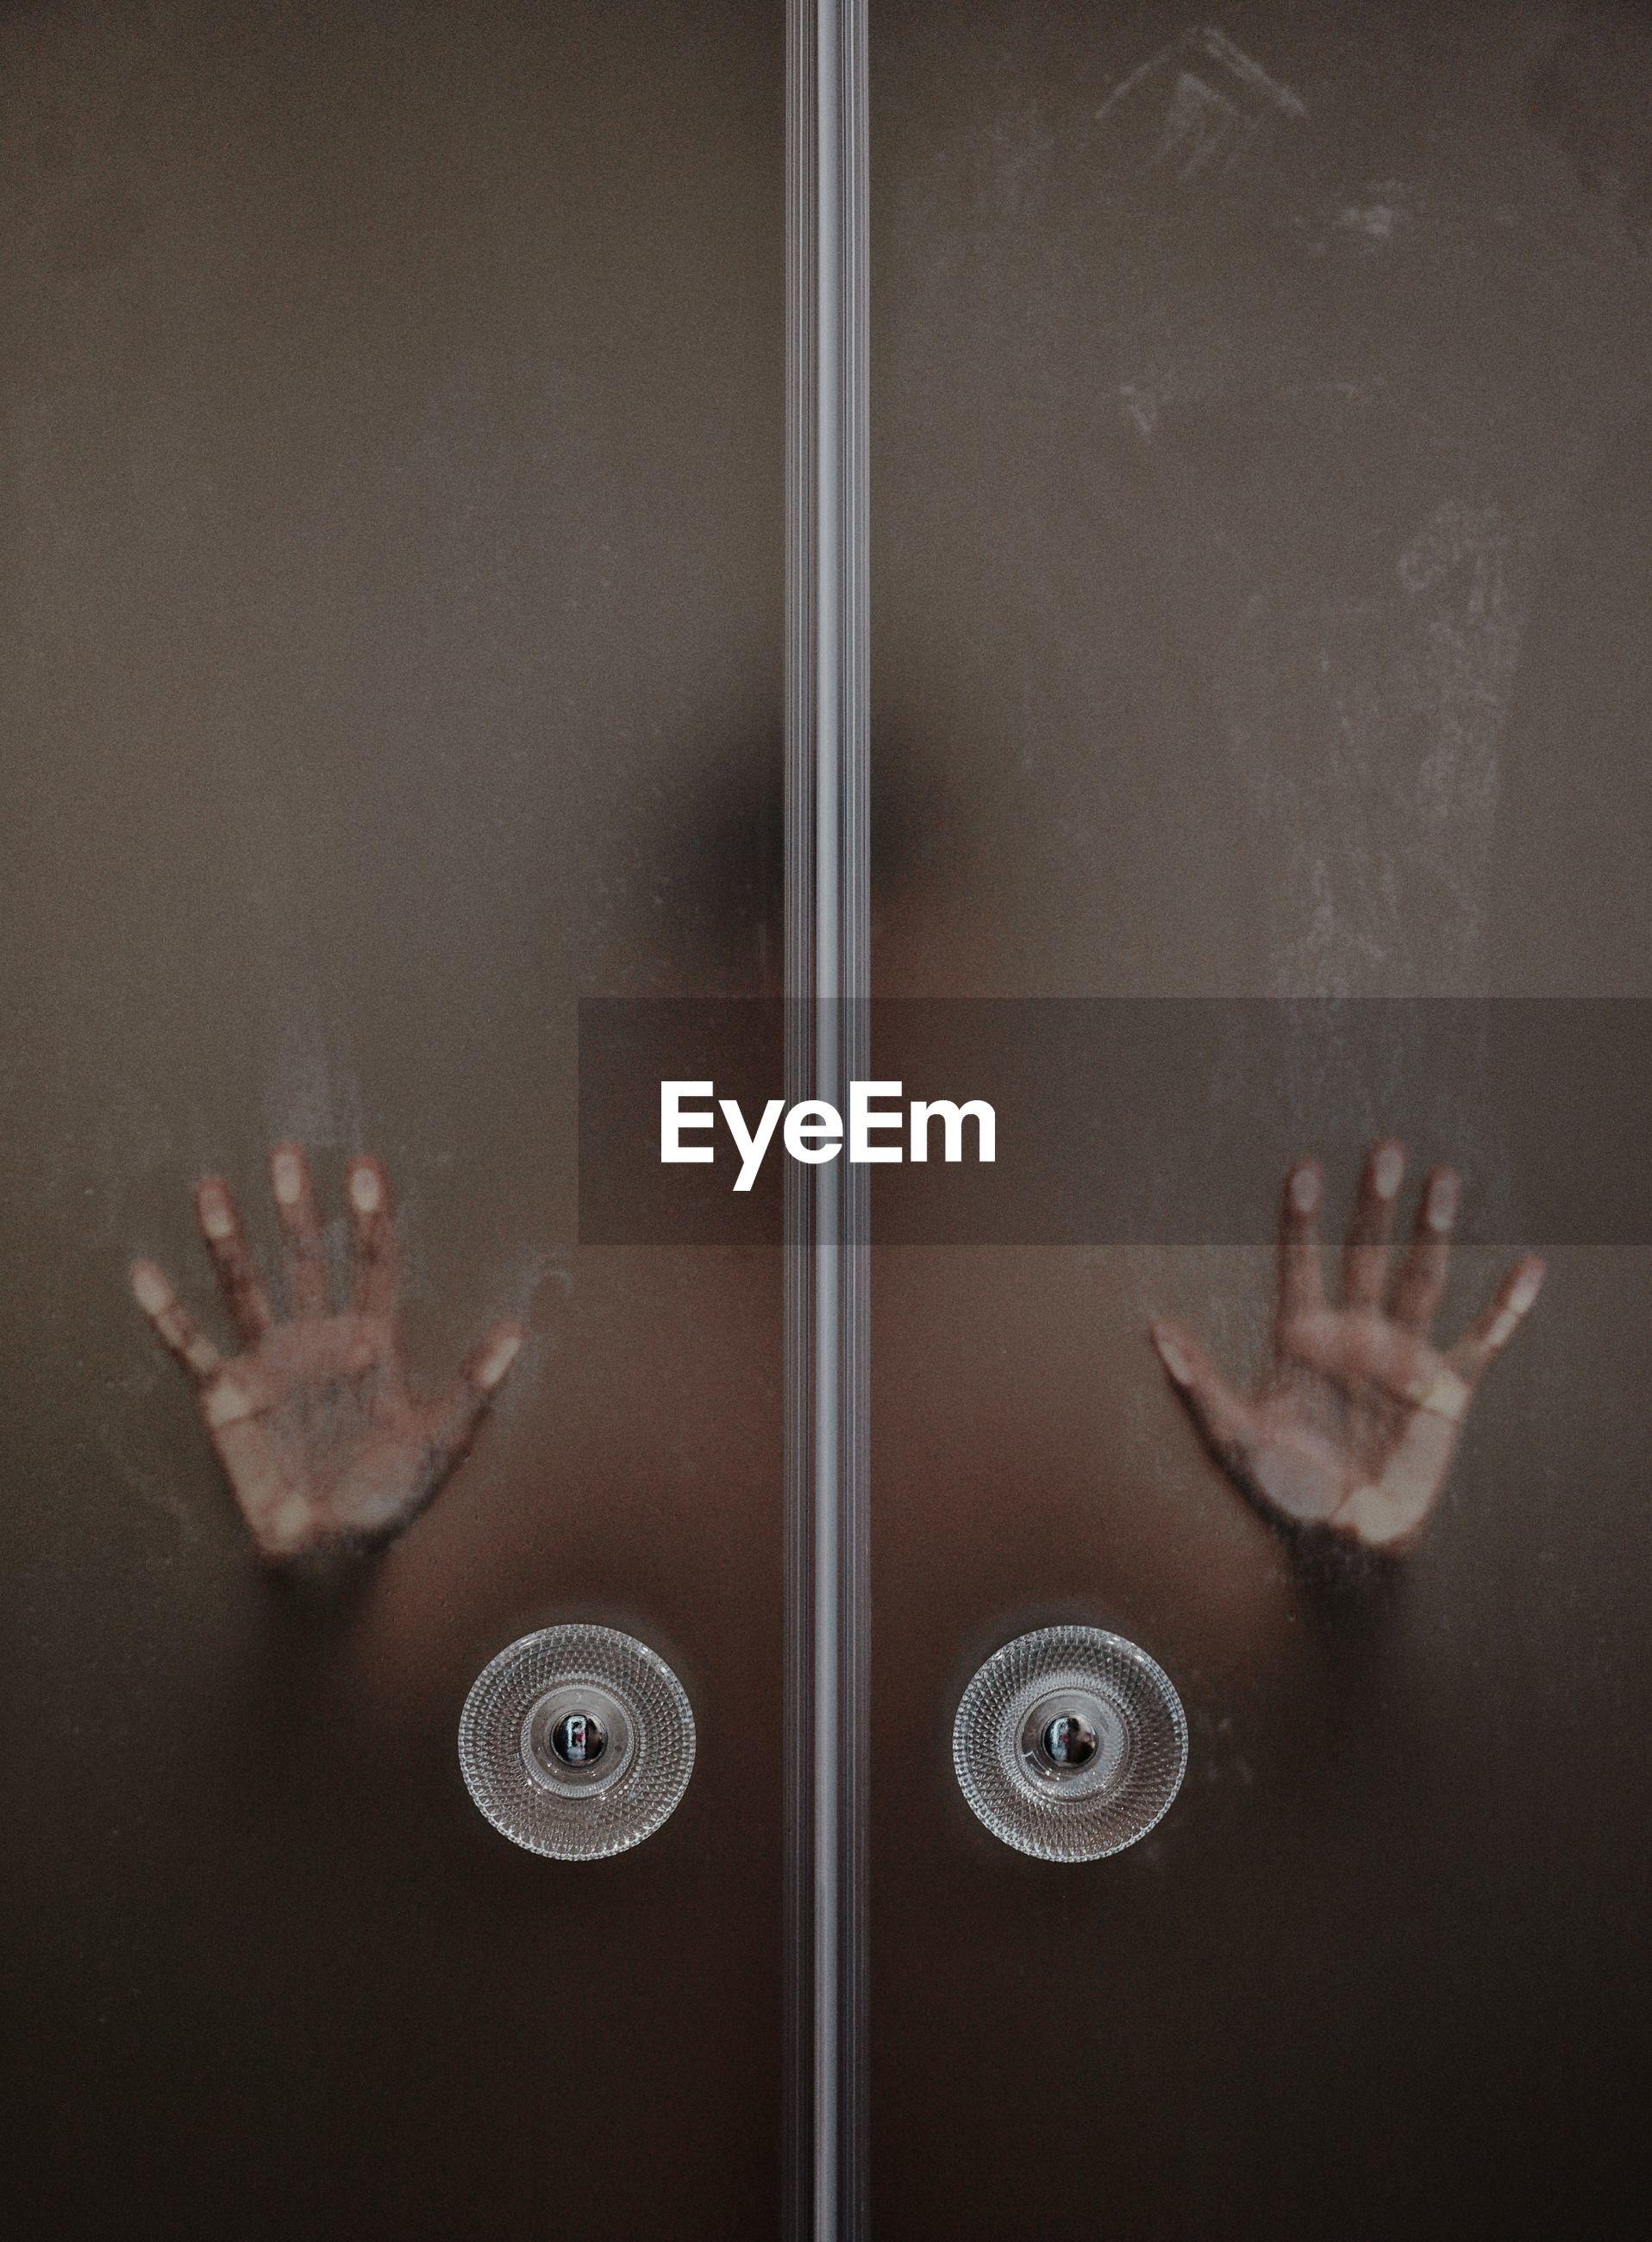 Person in bathroom seen through glass door